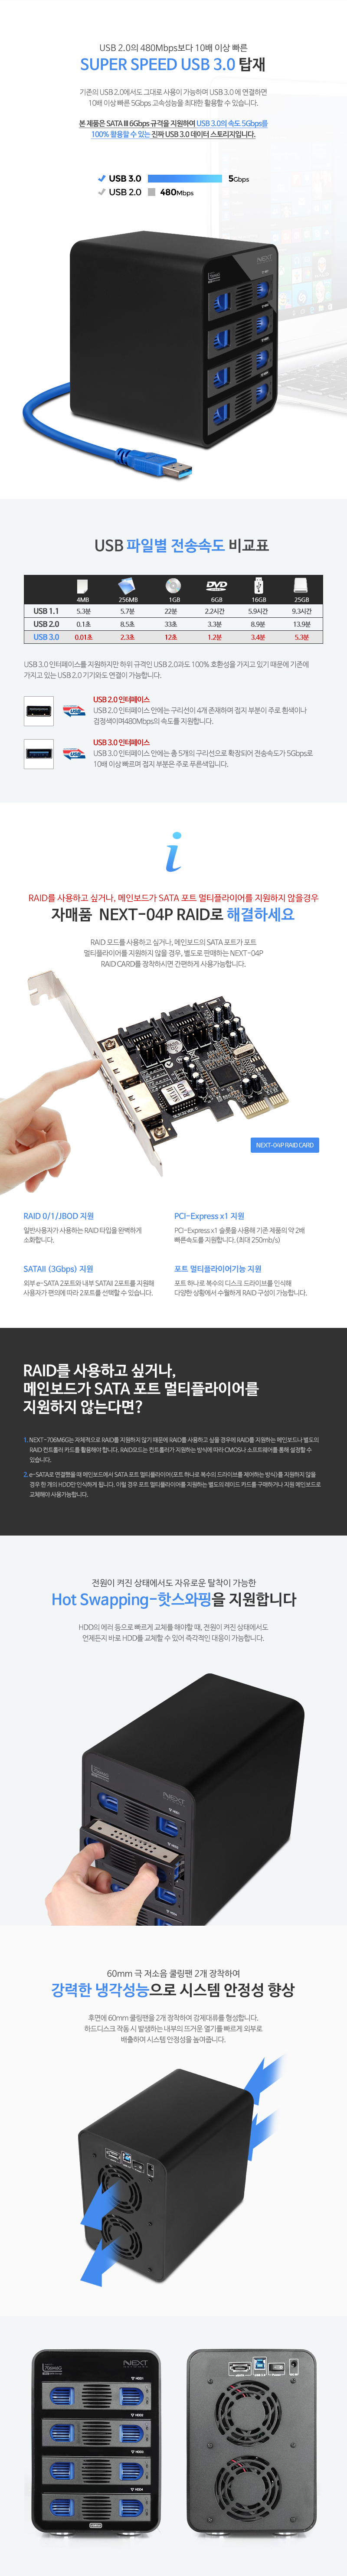 이지넷유비쿼터스 넥스트 NEXT-706M6G (8TB)